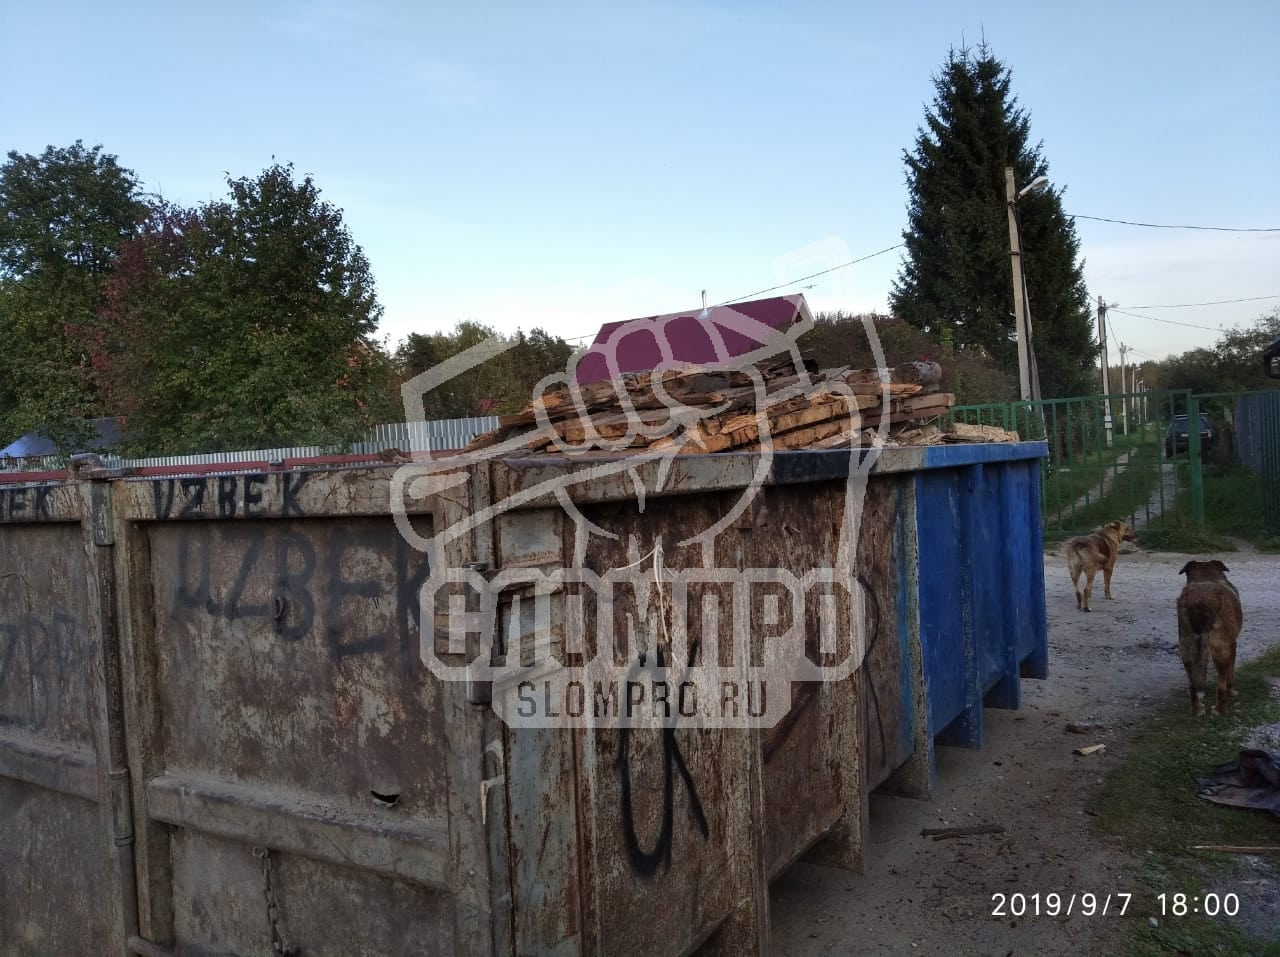 укладка строительного мусора в контейнер